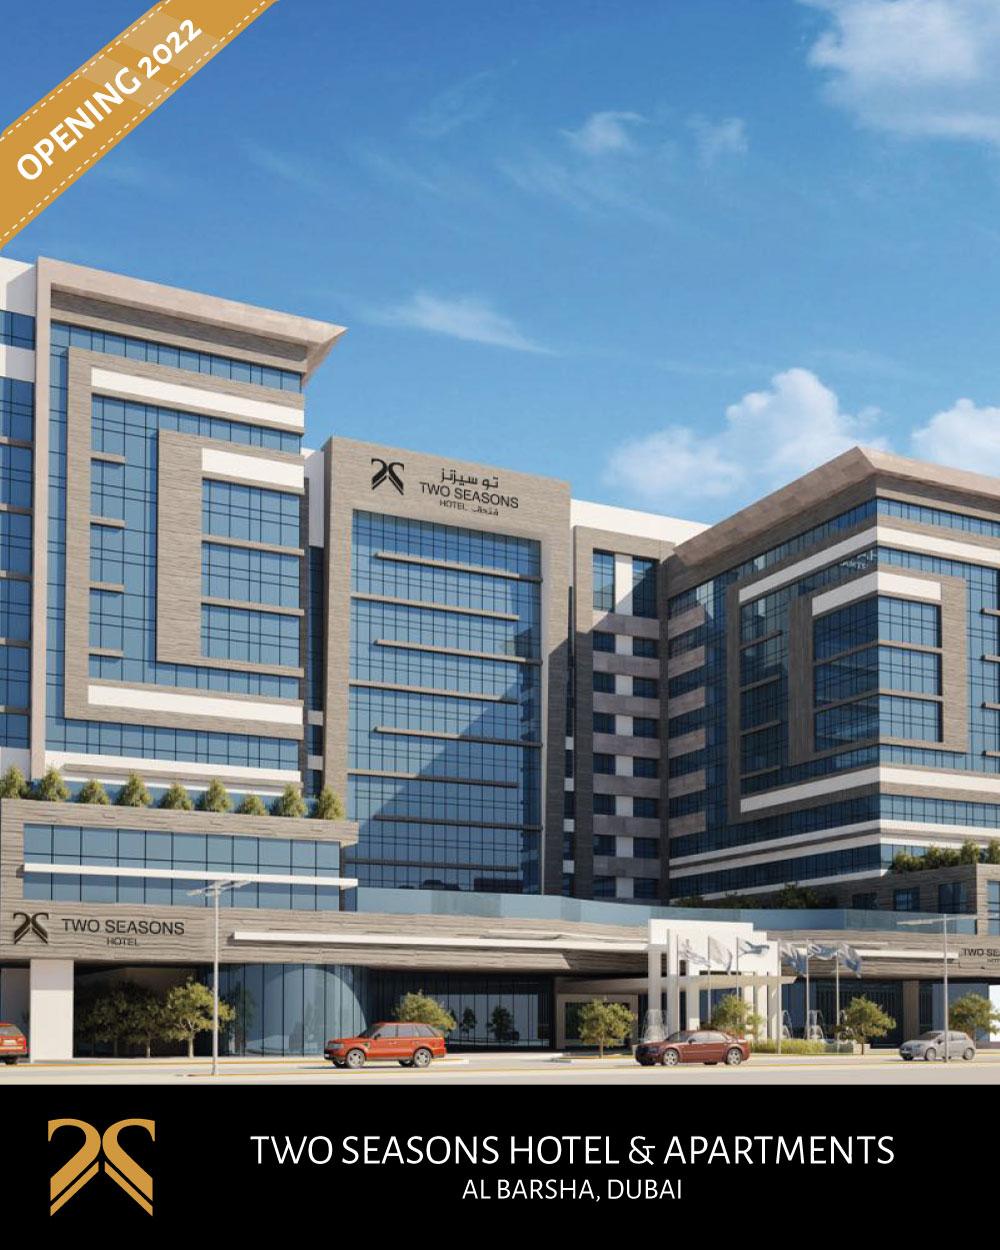 شركة تو سيزنز تستعد لإفتتاح أربعة فنادق جديدة في الإمارات والمغرب